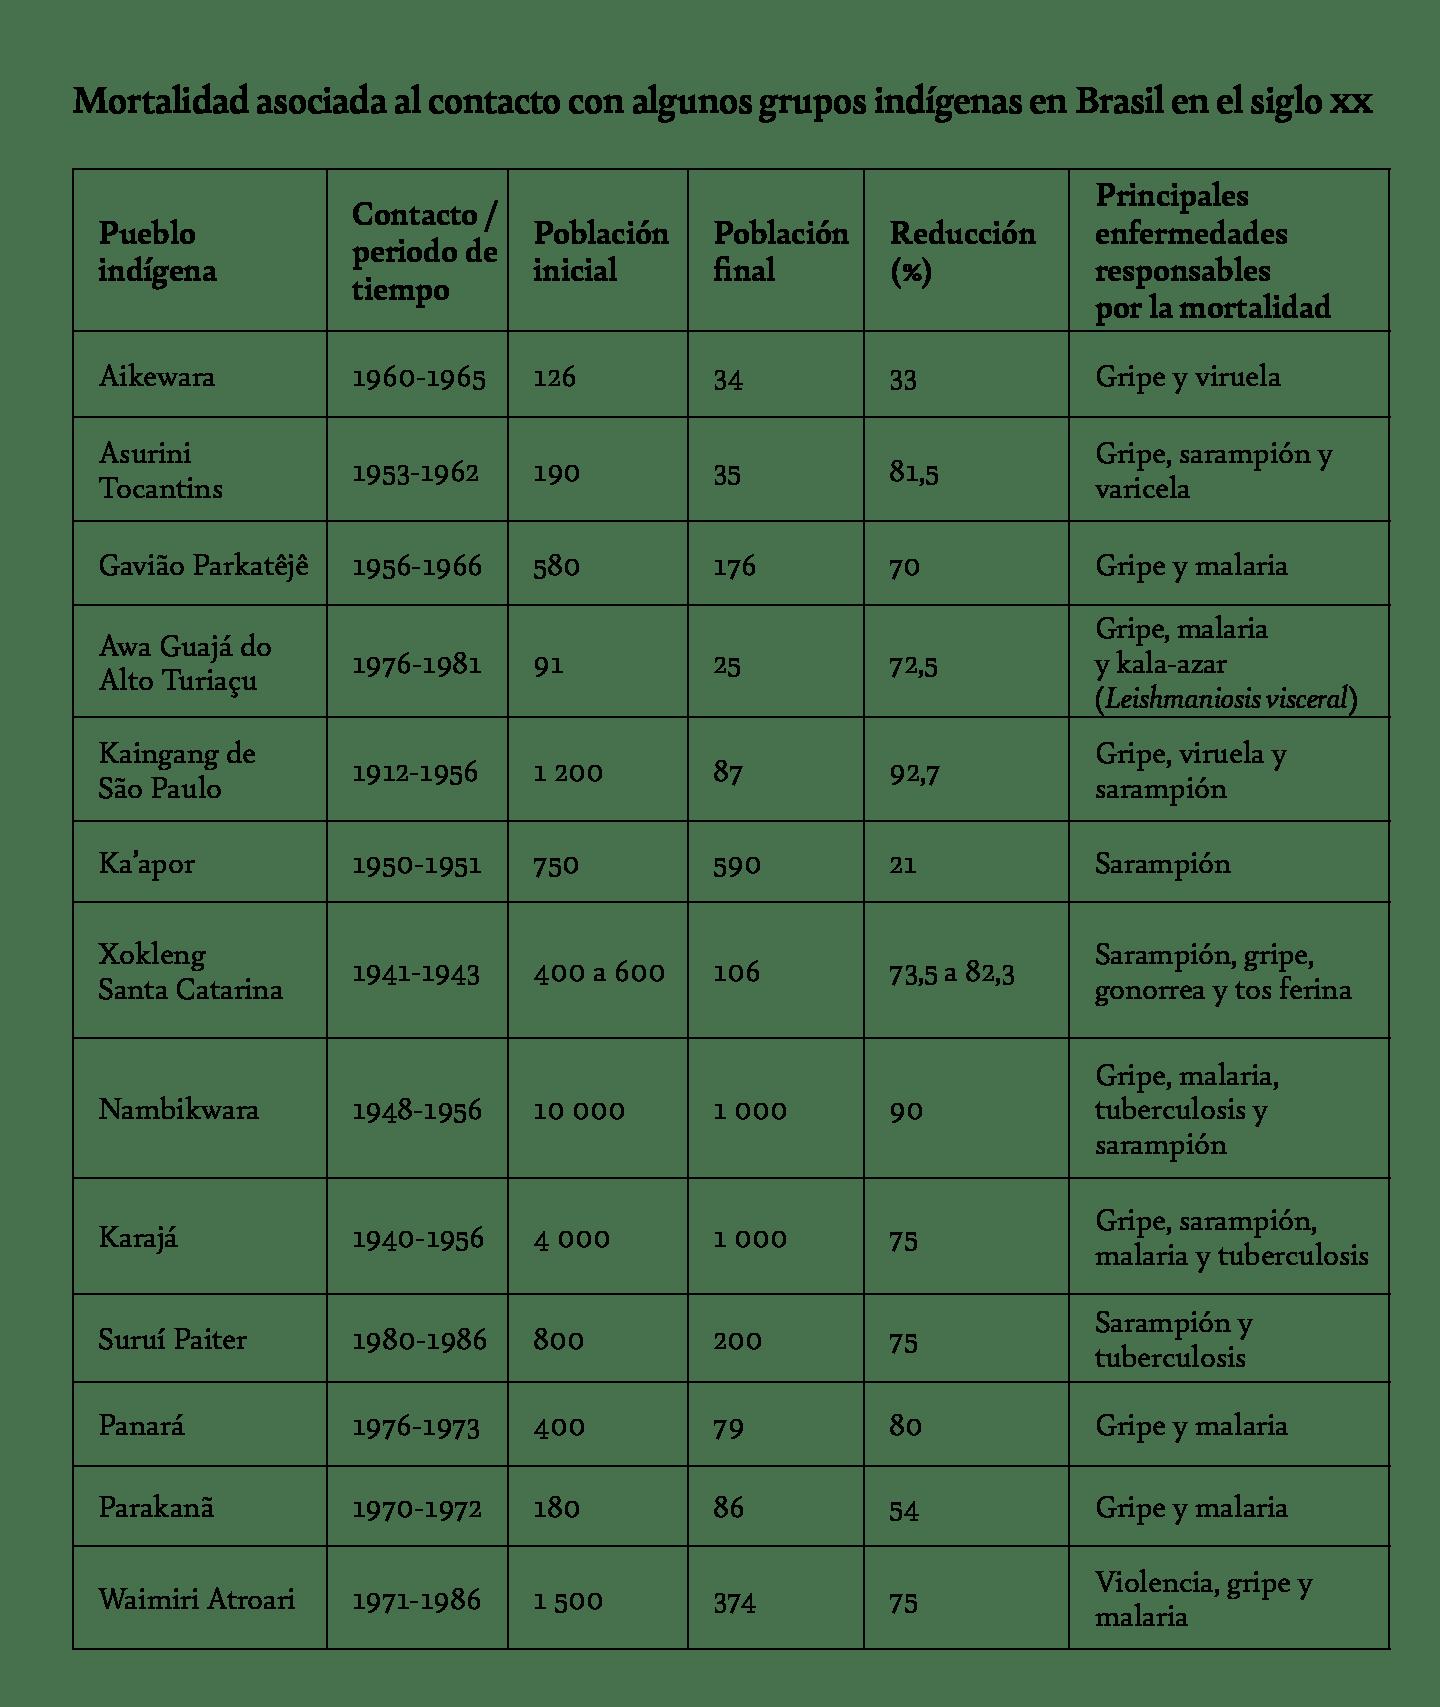 4-tabela-mortalidad-indigena-contato